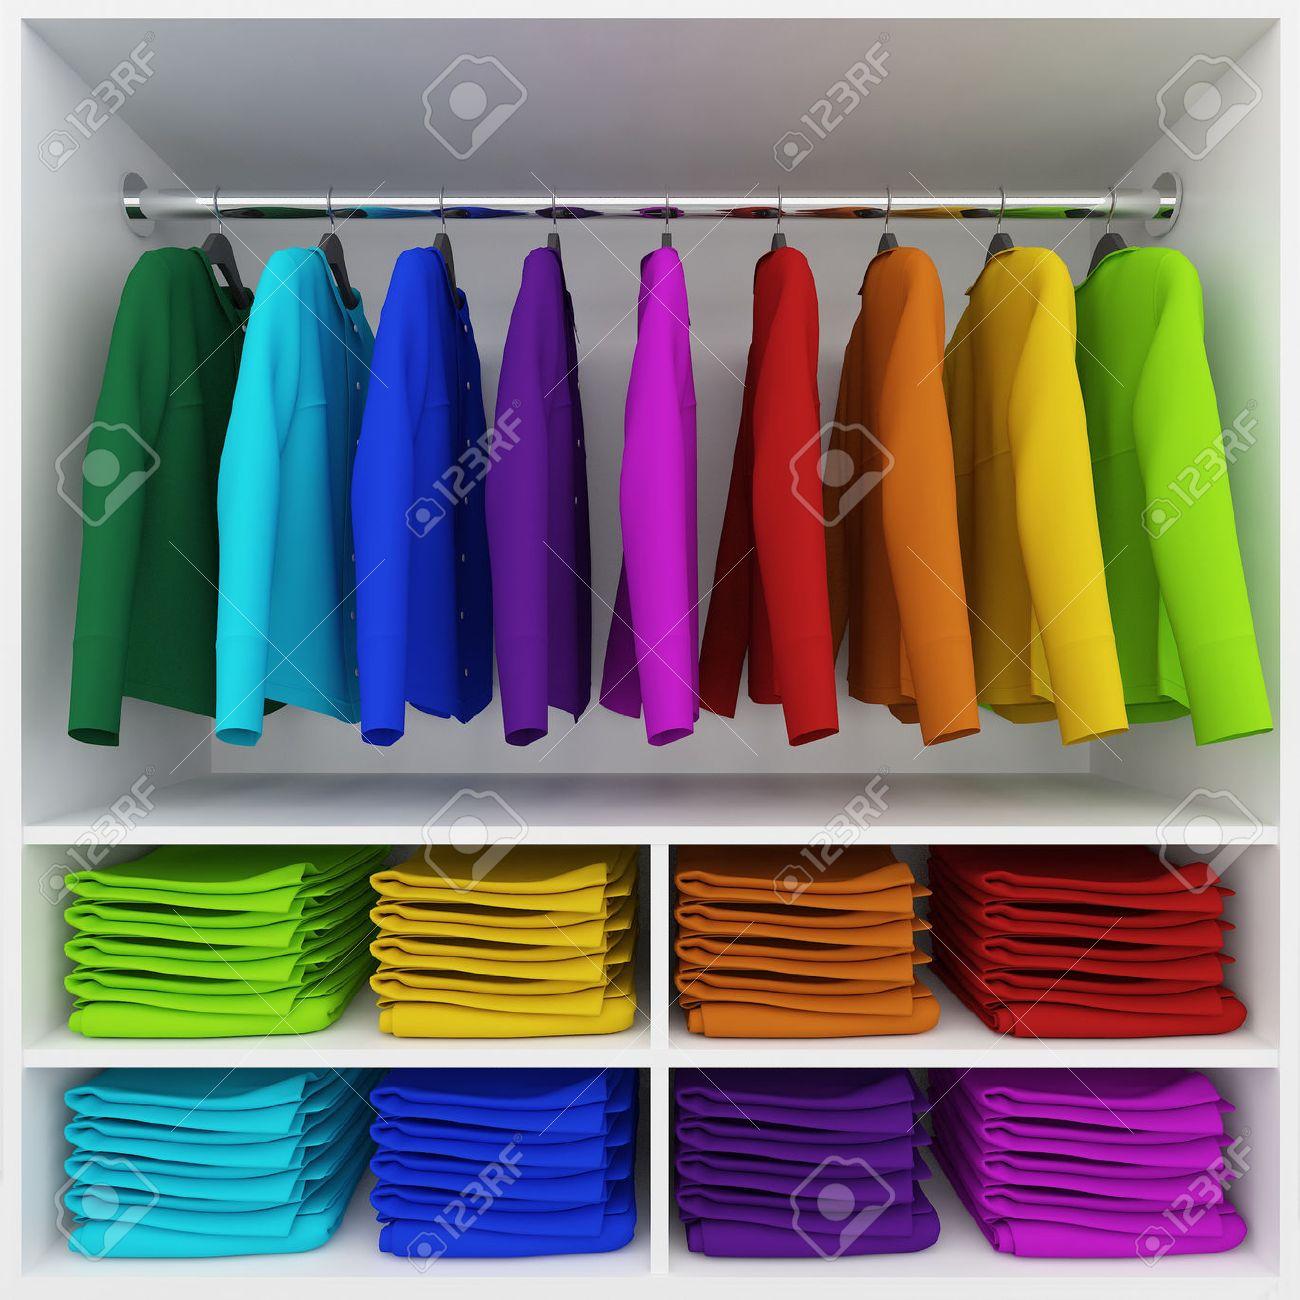 Vestiti colorati appesi e pila di vestiti armadio Archivio Fotografico - 36894419